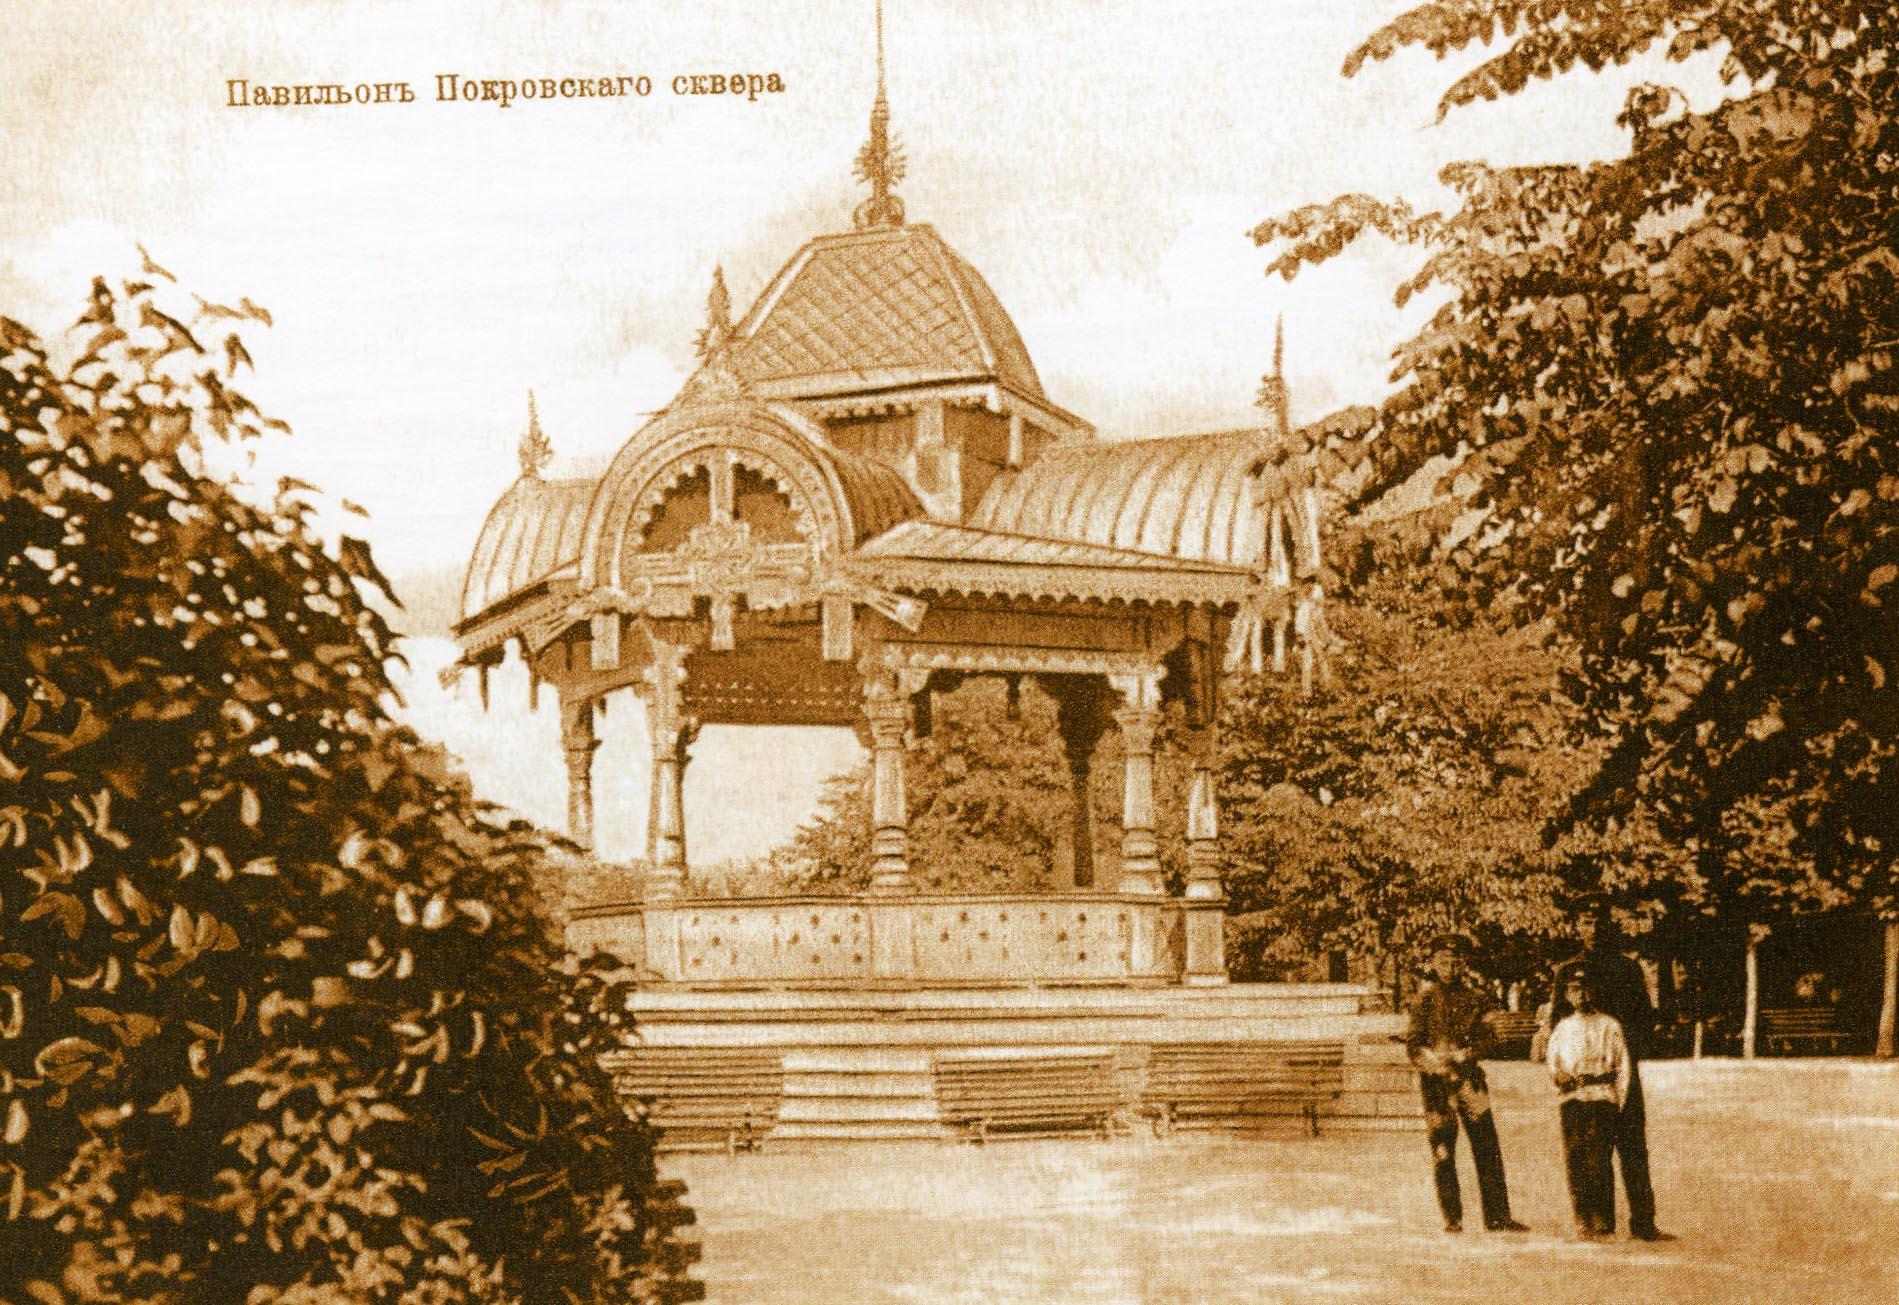 Павильон Покровского собора